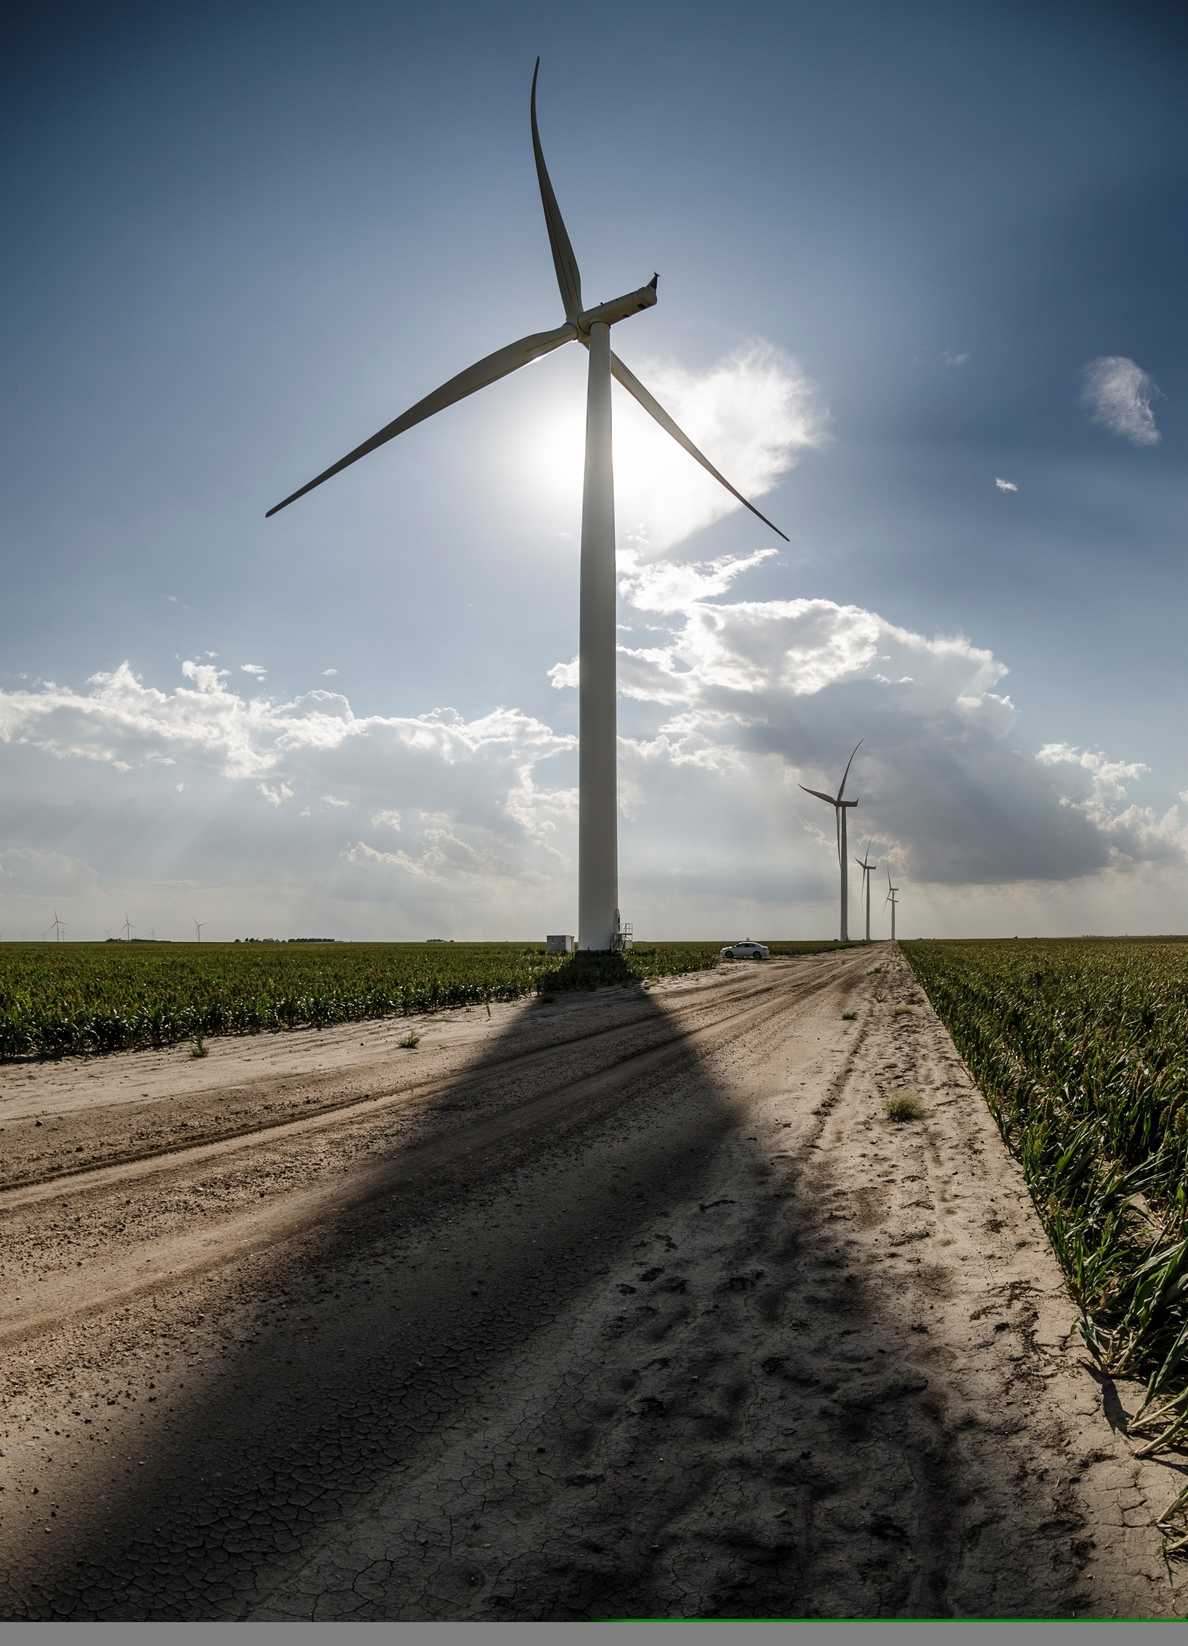 Siemens suministrará energía limpia a los centros de datos de Amazon